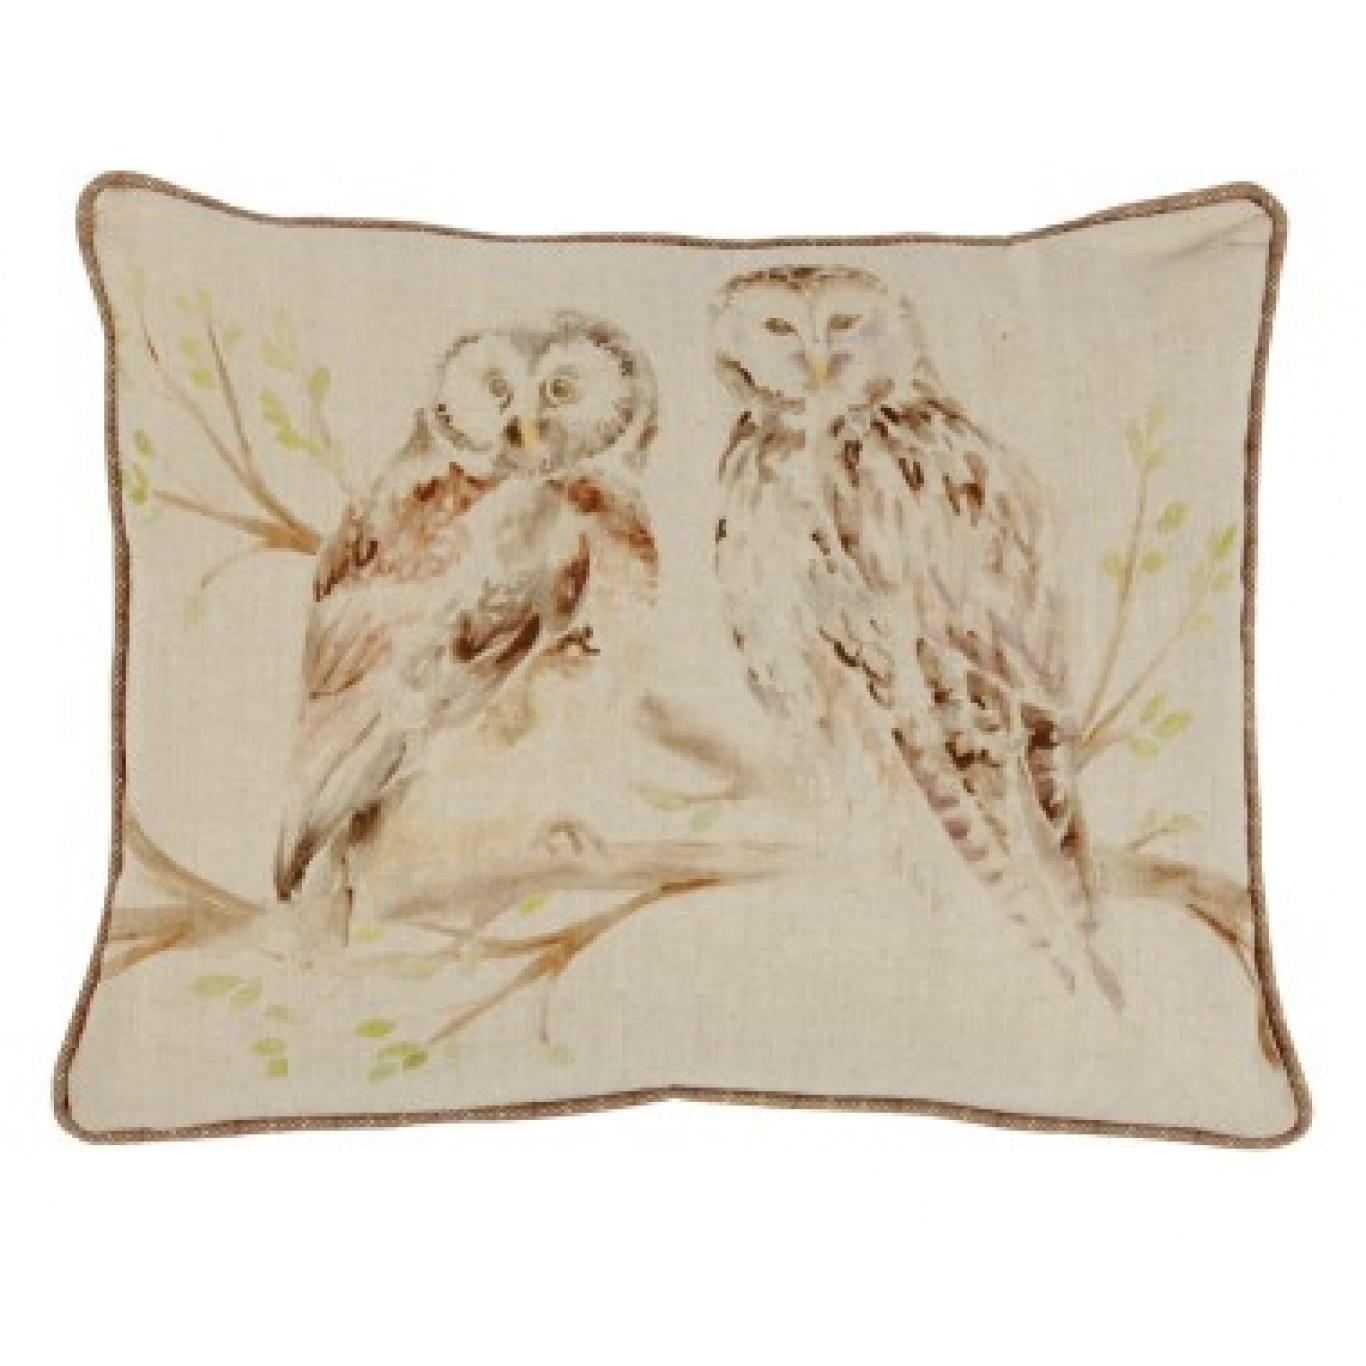 Image of Voyage Wise Owls Cushion